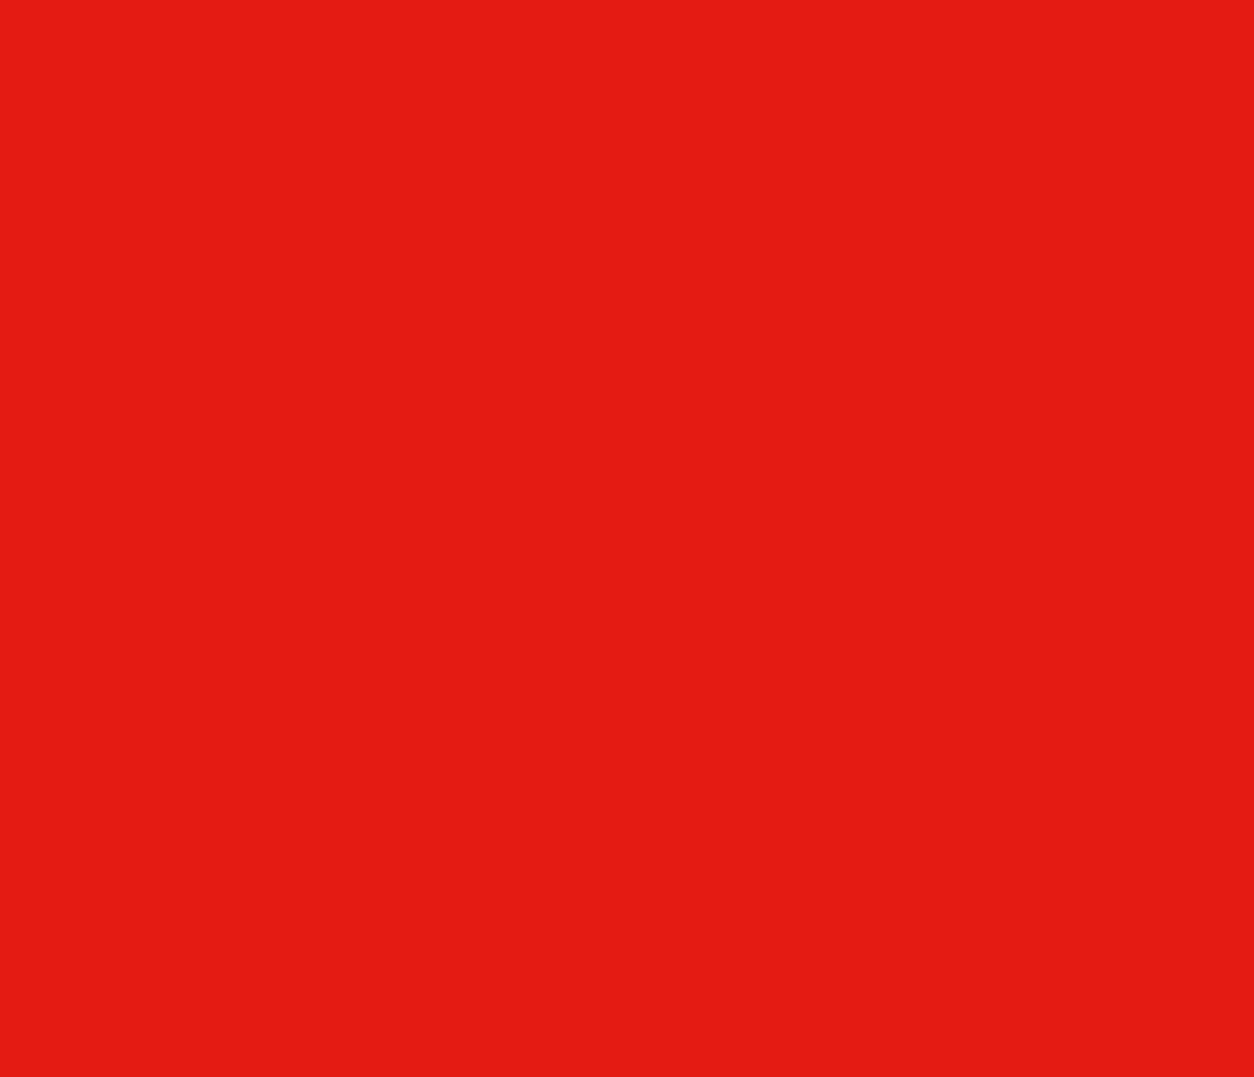 RDA Red.jpg